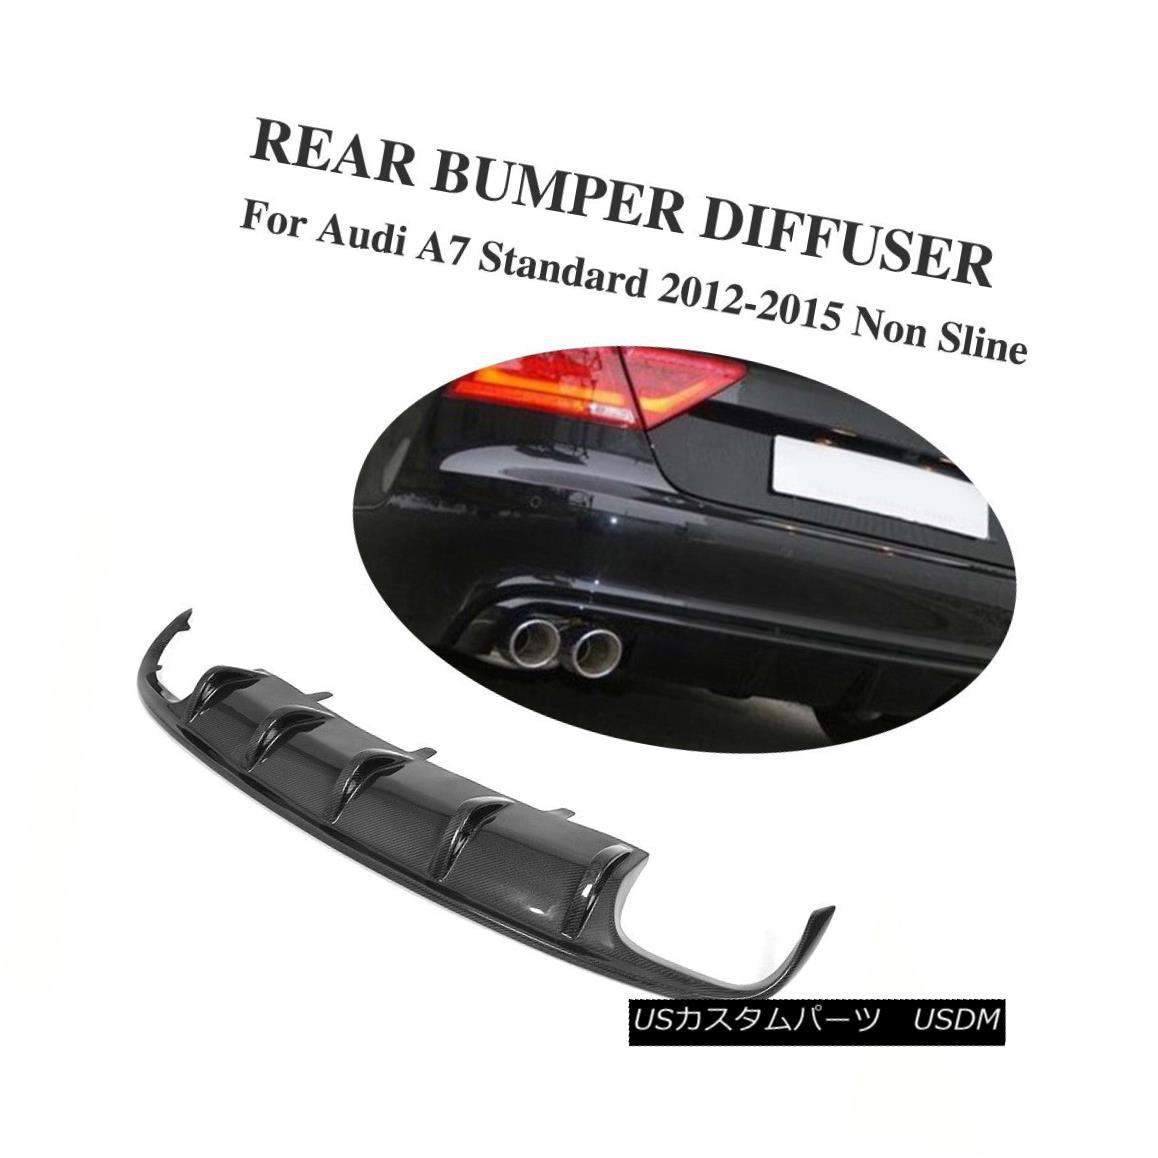 エアロパーツ Carbon Fiber Rear Bumper Diffuser Lip Chin For Audi A7 Standard 12-15 Non Sline Audi A7スタンダード12-15ノンライン用カーボンファイバーリアバンパーディフューザリップチン